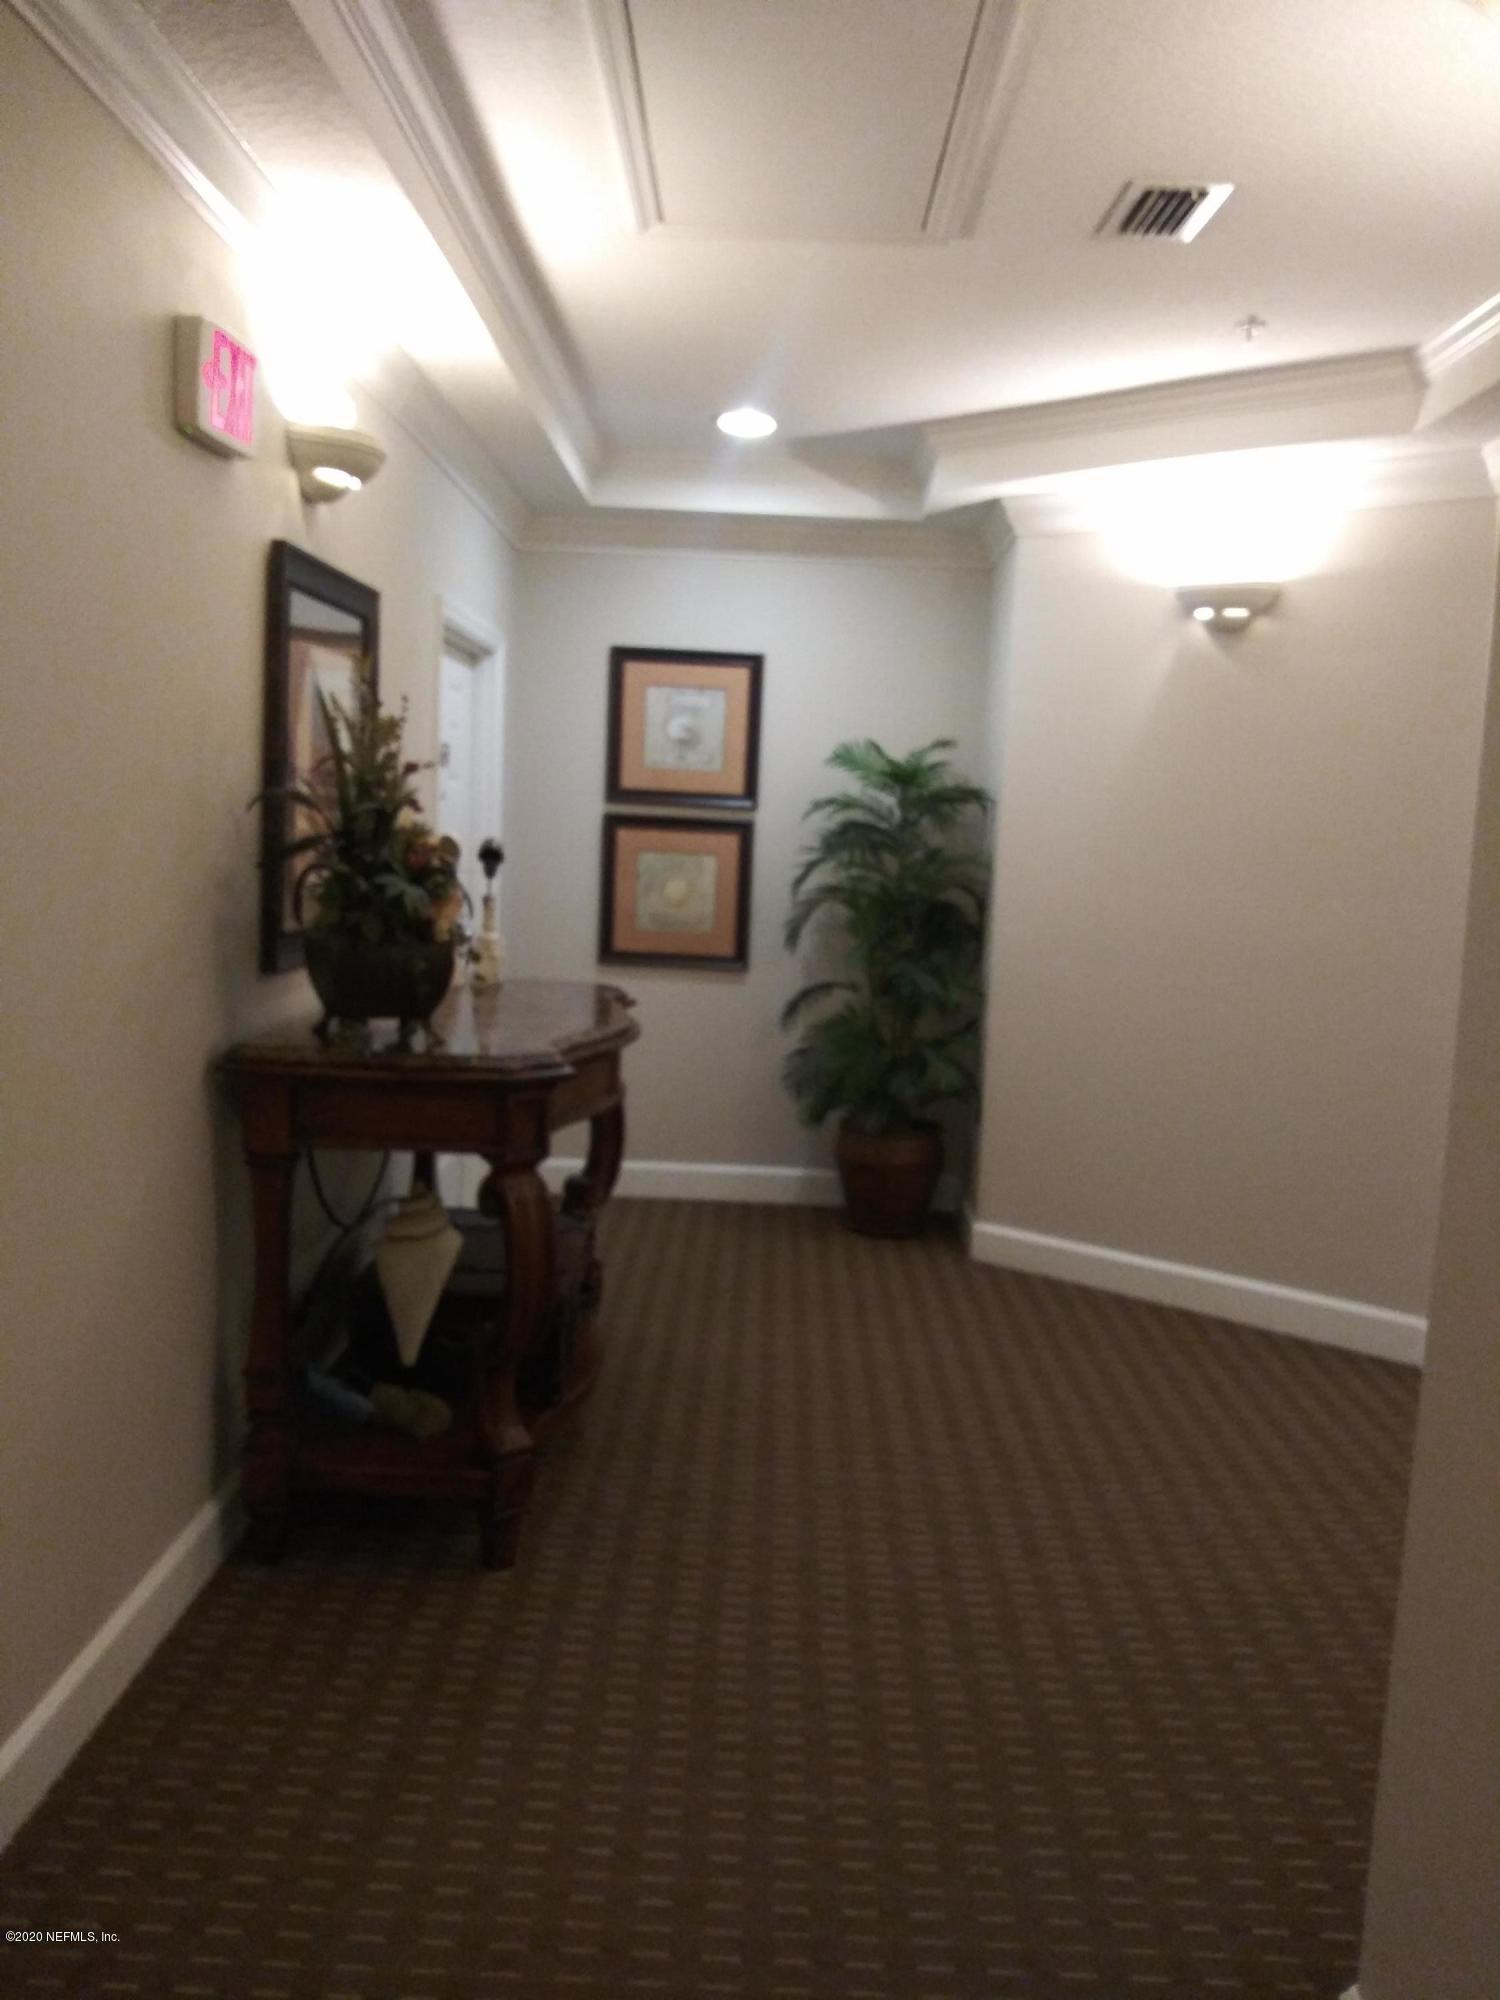 4480 DEERWOOD LAKE, JACKSONVILLE, FLORIDA 32216, 3 Bedrooms Bedrooms, ,2 BathroomsBathrooms,Residential,For sale,DEERWOOD LAKE,1072692